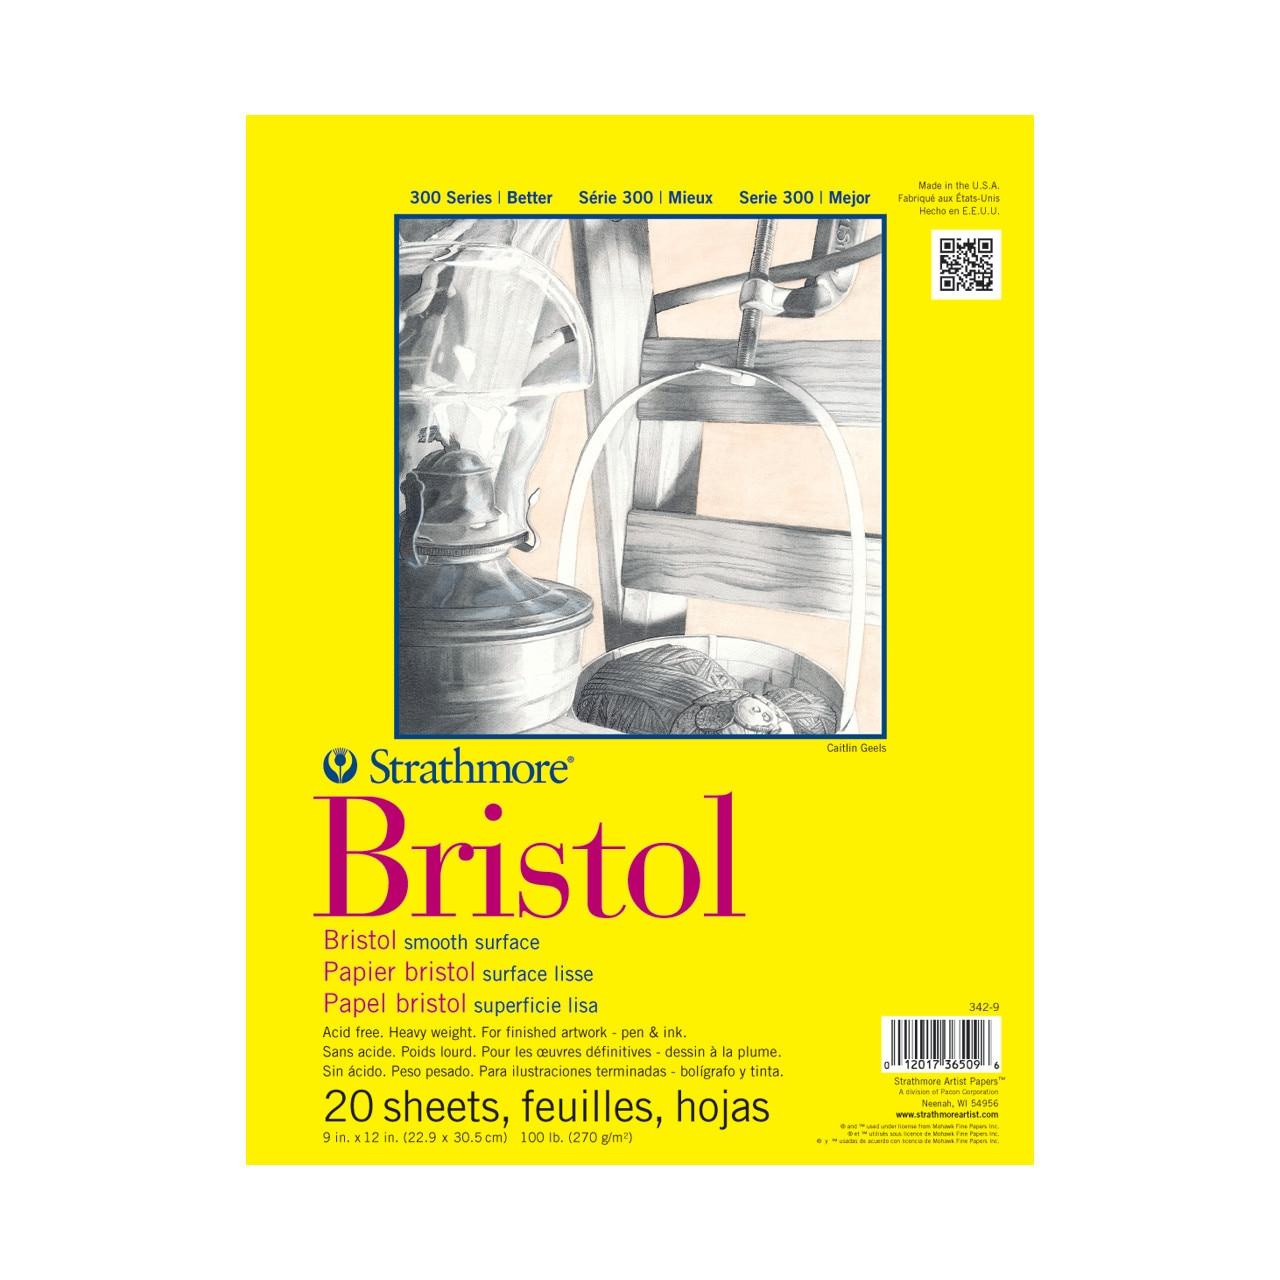 Bristol Pad 11x14